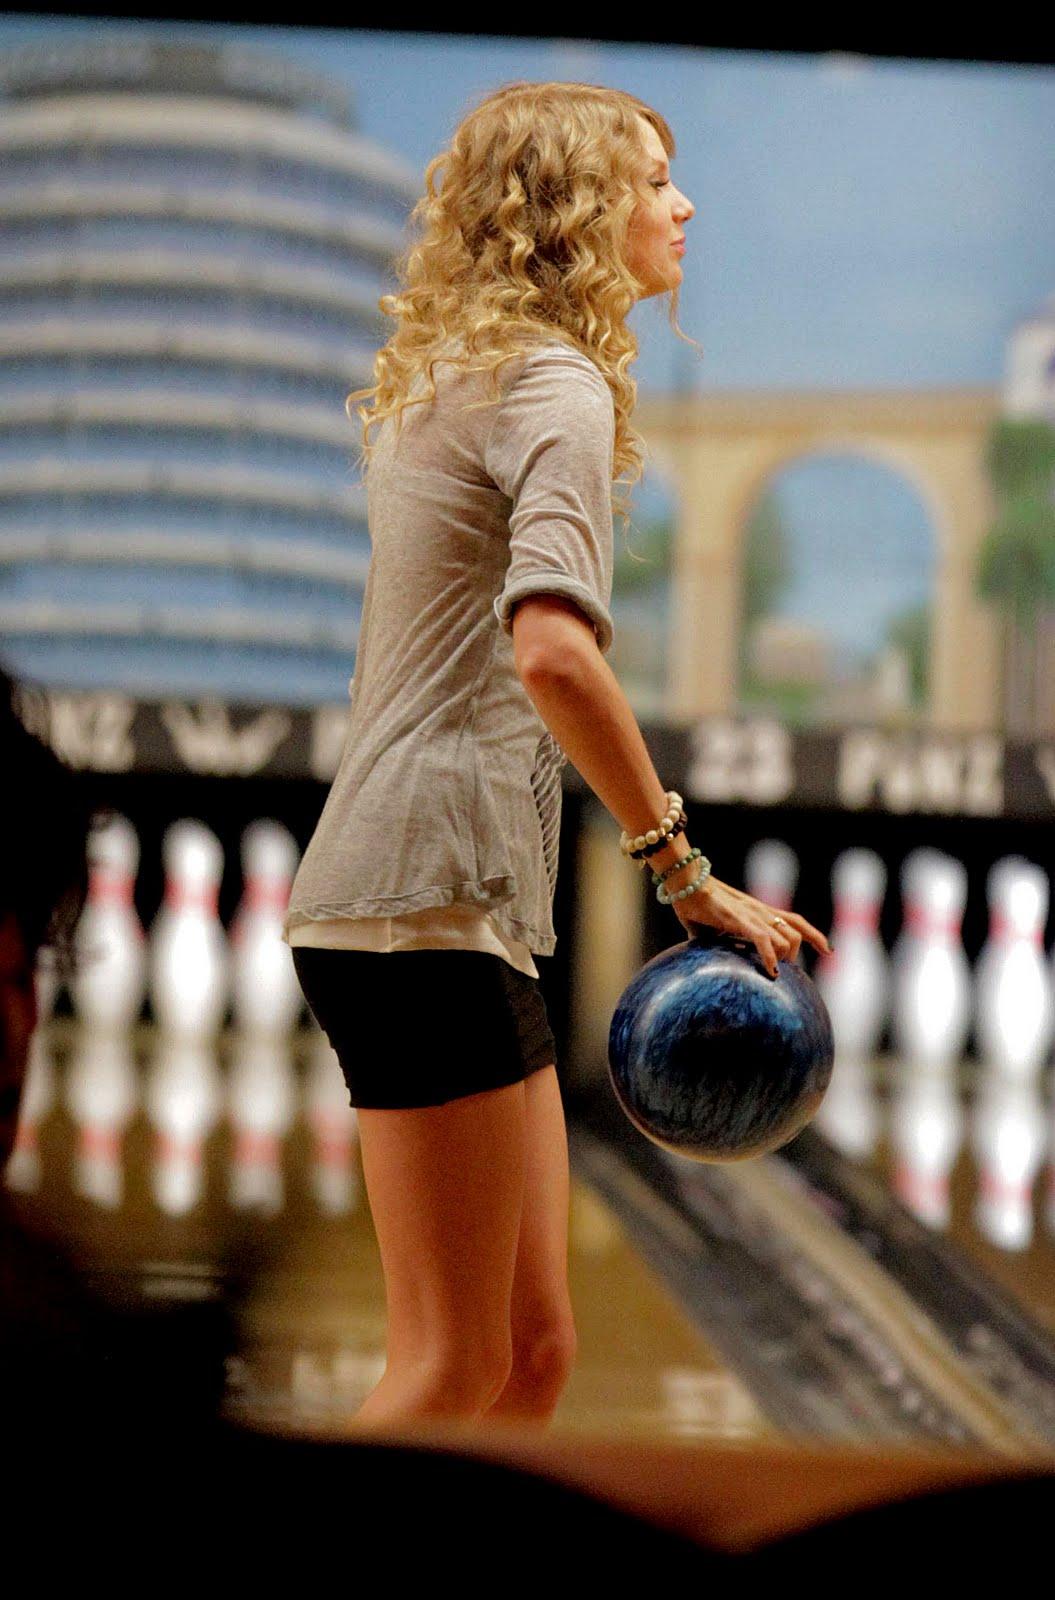 http://3.bp.blogspot.com/_j7hHgrmn8V8/S6qhhXl1pQI/AAAAAAAAET0/TchiV25JXr8/s1600/bowling2.jpg